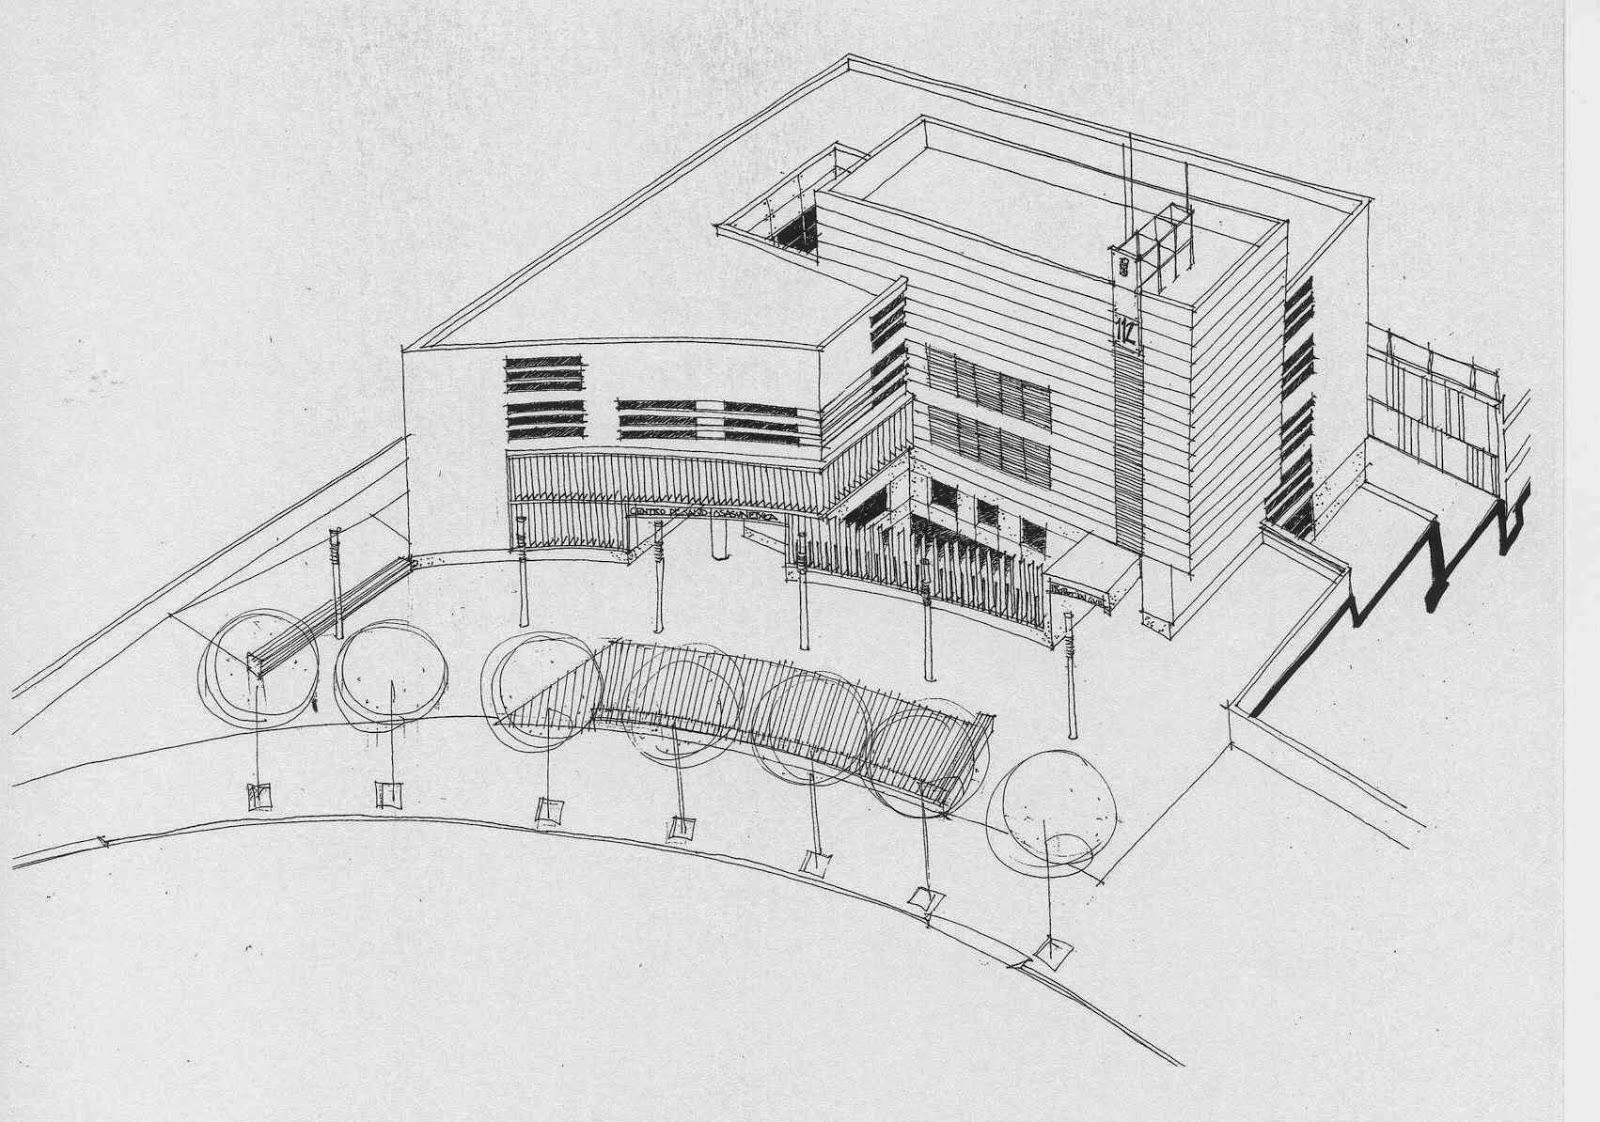 Dibujo t cnico dibujo arquitect nico for Planos de construccion